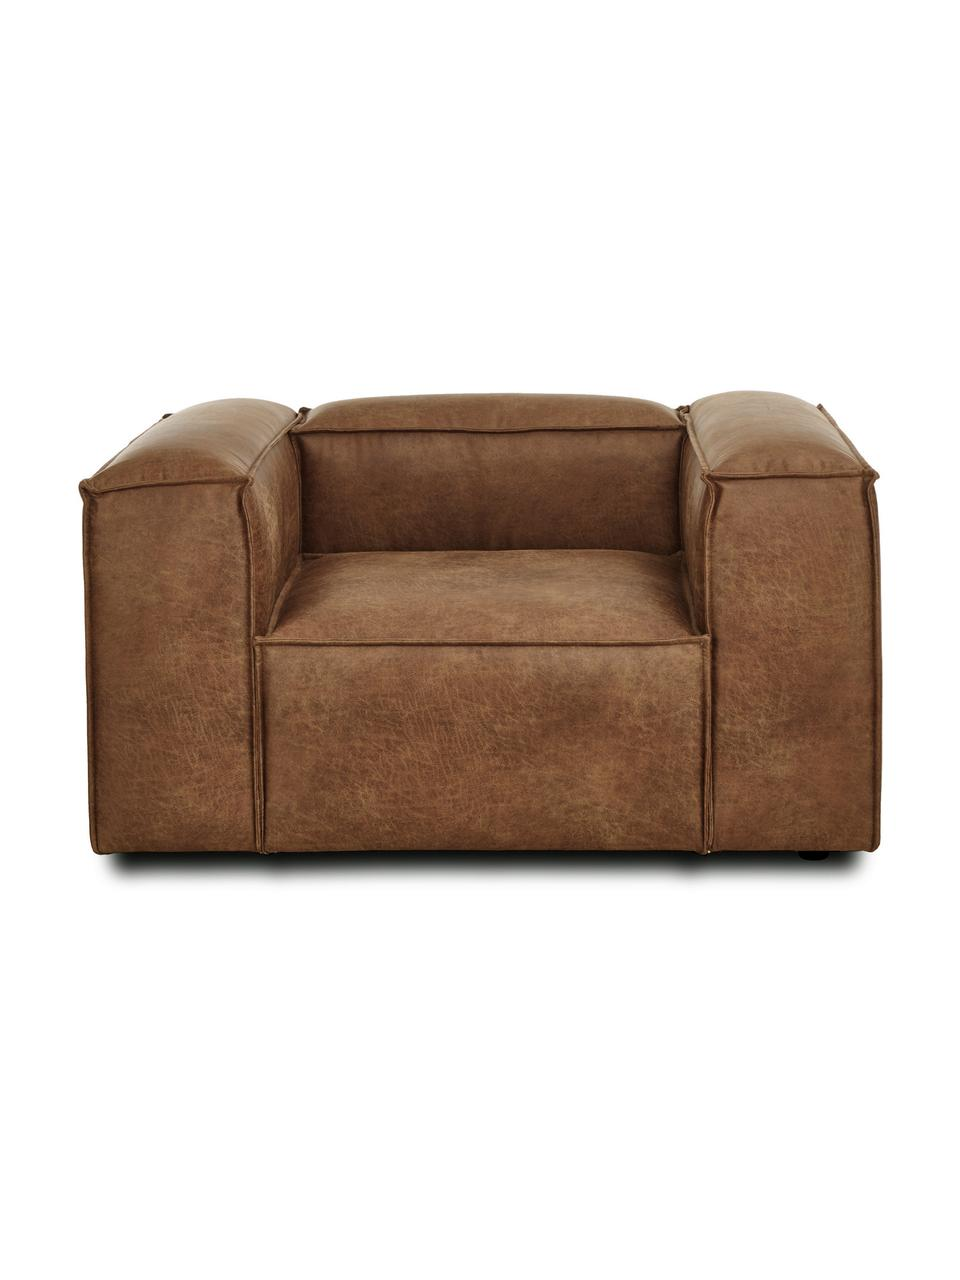 Fotel ze skóry z recyklingu Lennon, Tapicerka: skóra z recyklingu (70% s, Nogi: tworzywo sztuczne, Skórzany brązowy, S 130 x G 101 cm